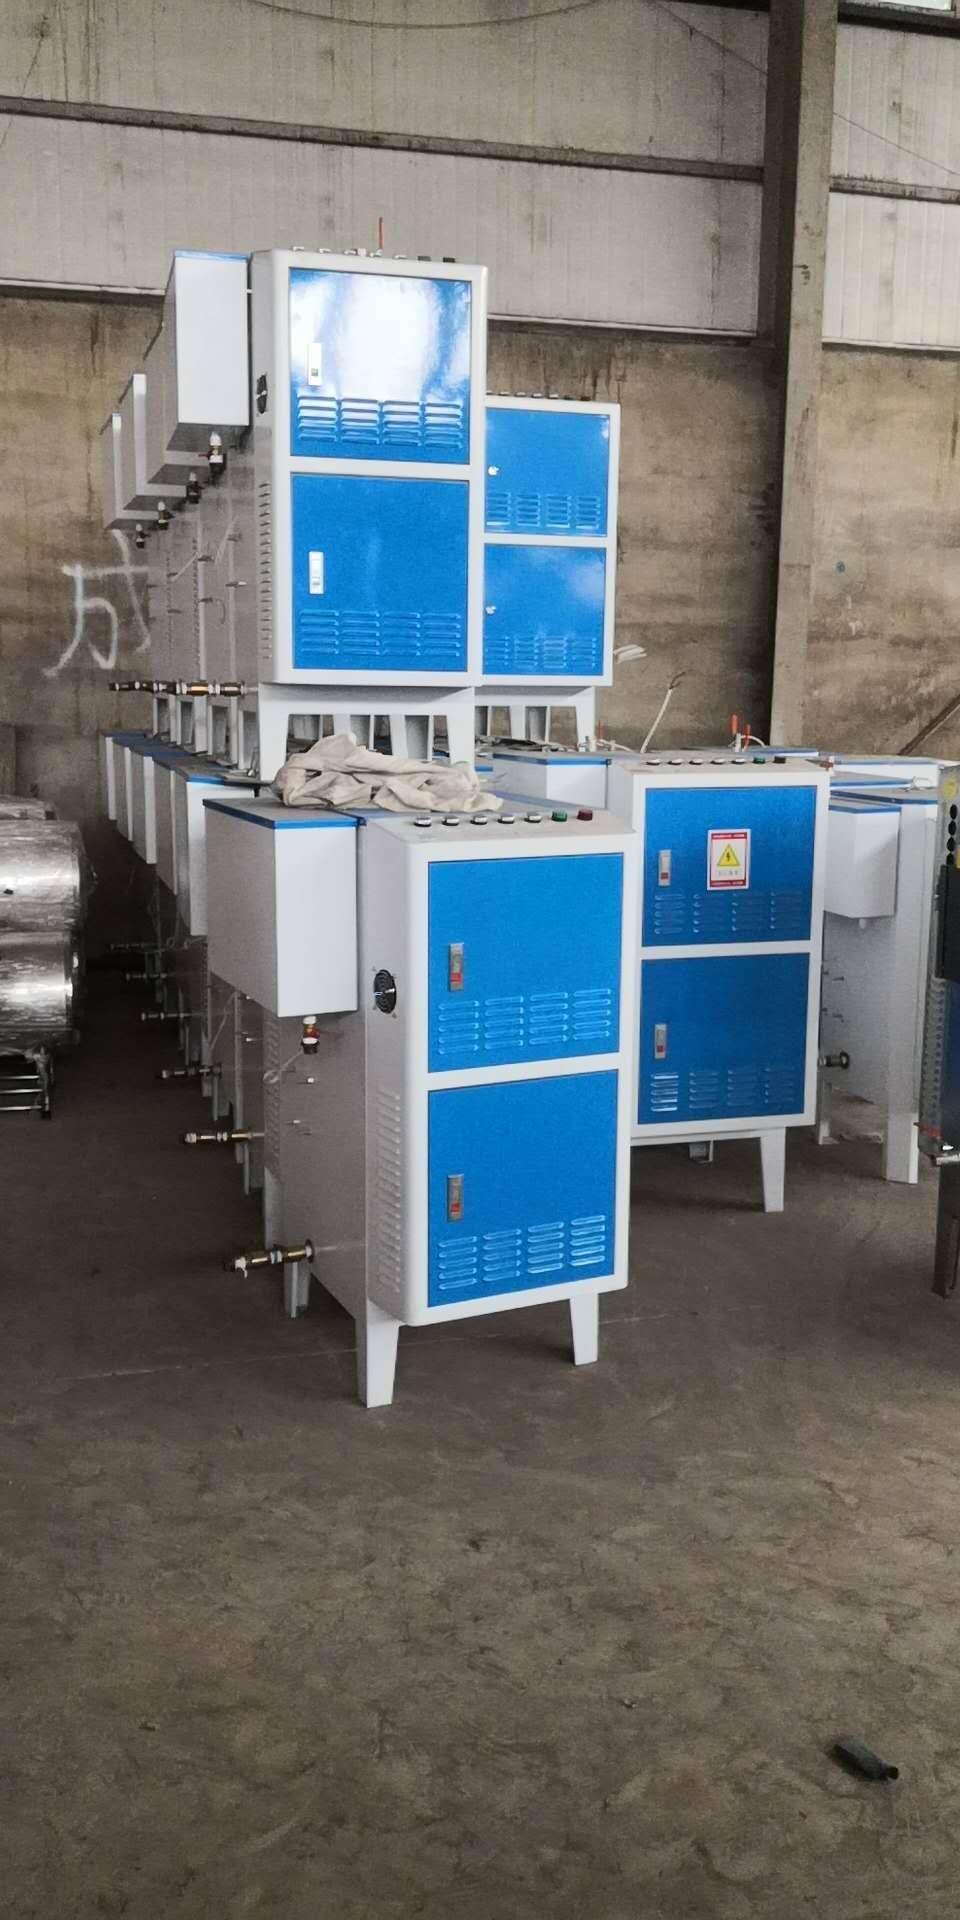 昌吉微型蒸汽发生器厂家 振春水暖供应